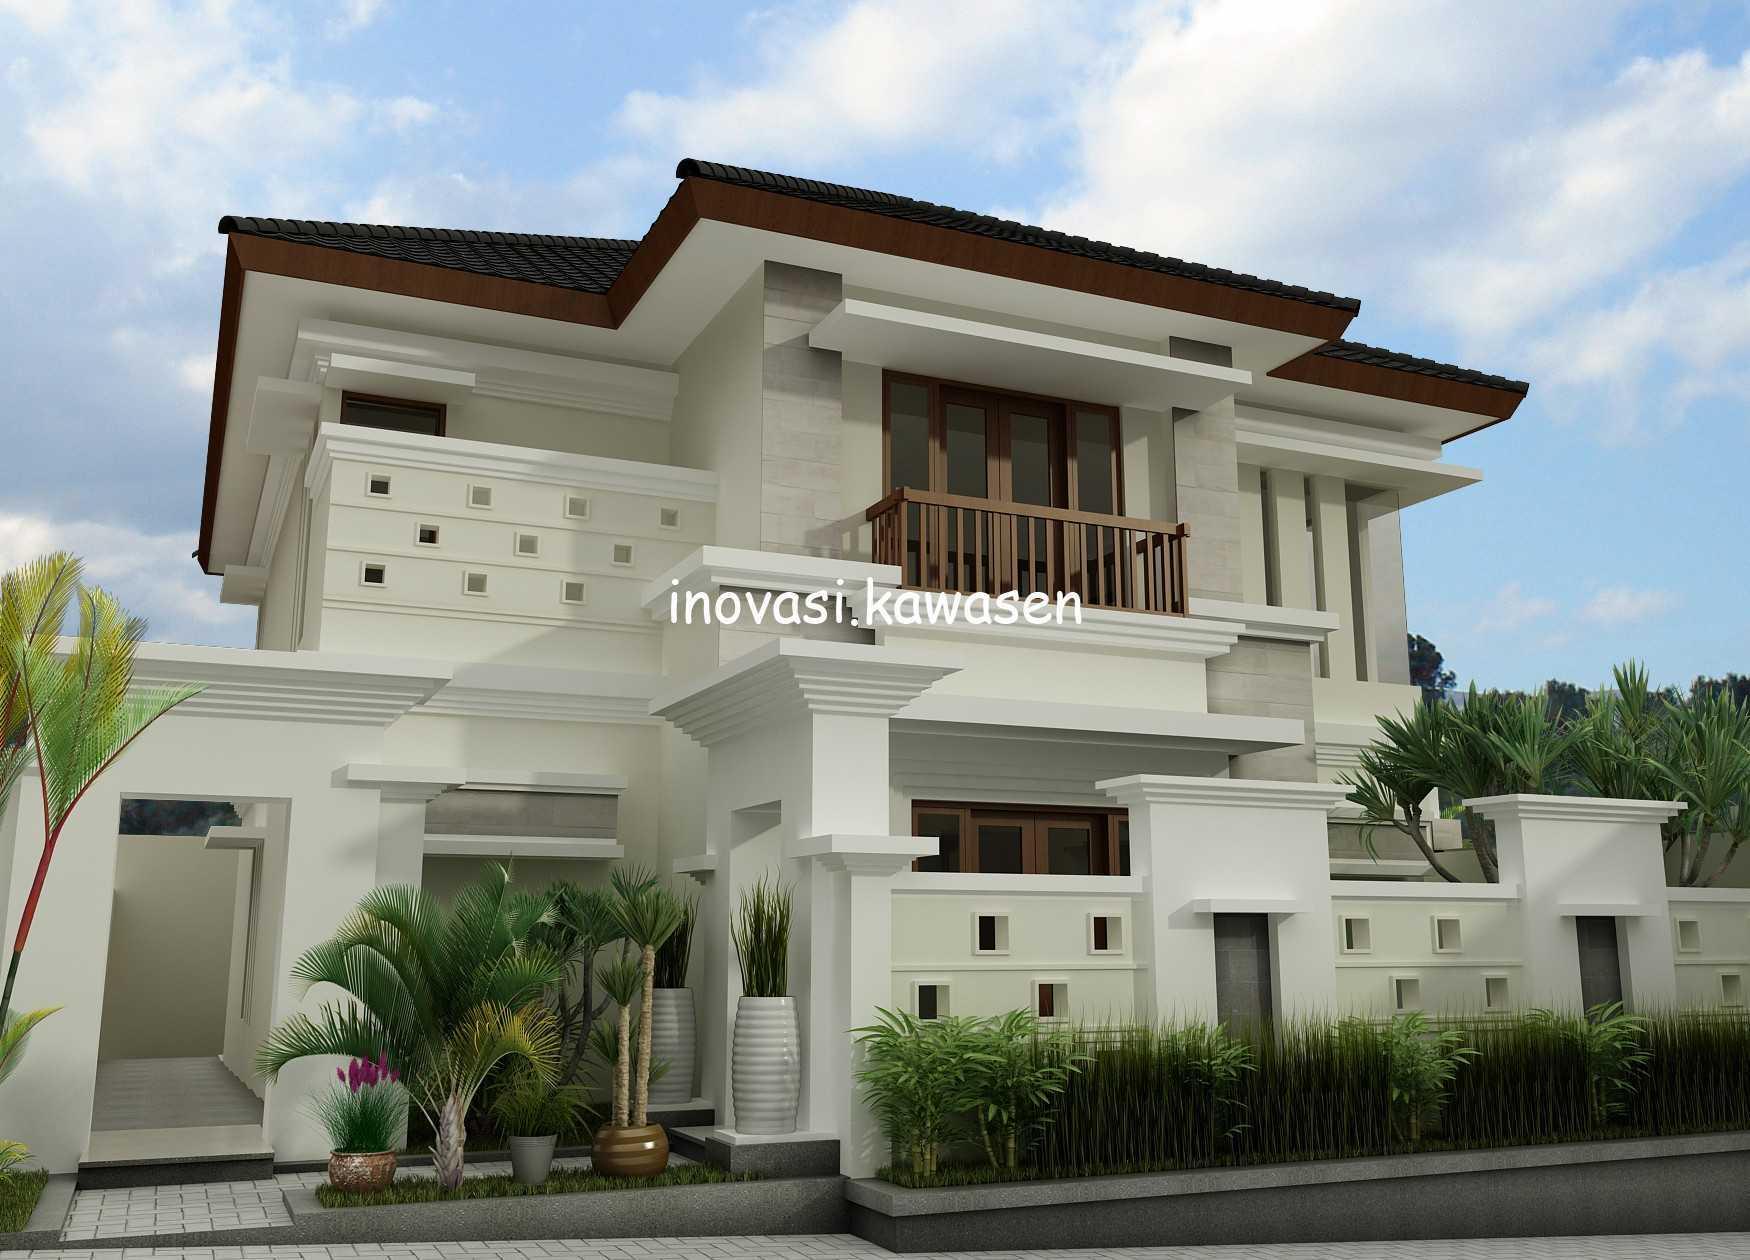 Inovasi Kawasen Desain Villa Bpk. Vadara Bogor, Jawa Barat, Indonesia Bogor, Jawa Barat, Indonesia Inovasikawasen-Desain-Villa-Bpk-Vadara  89441